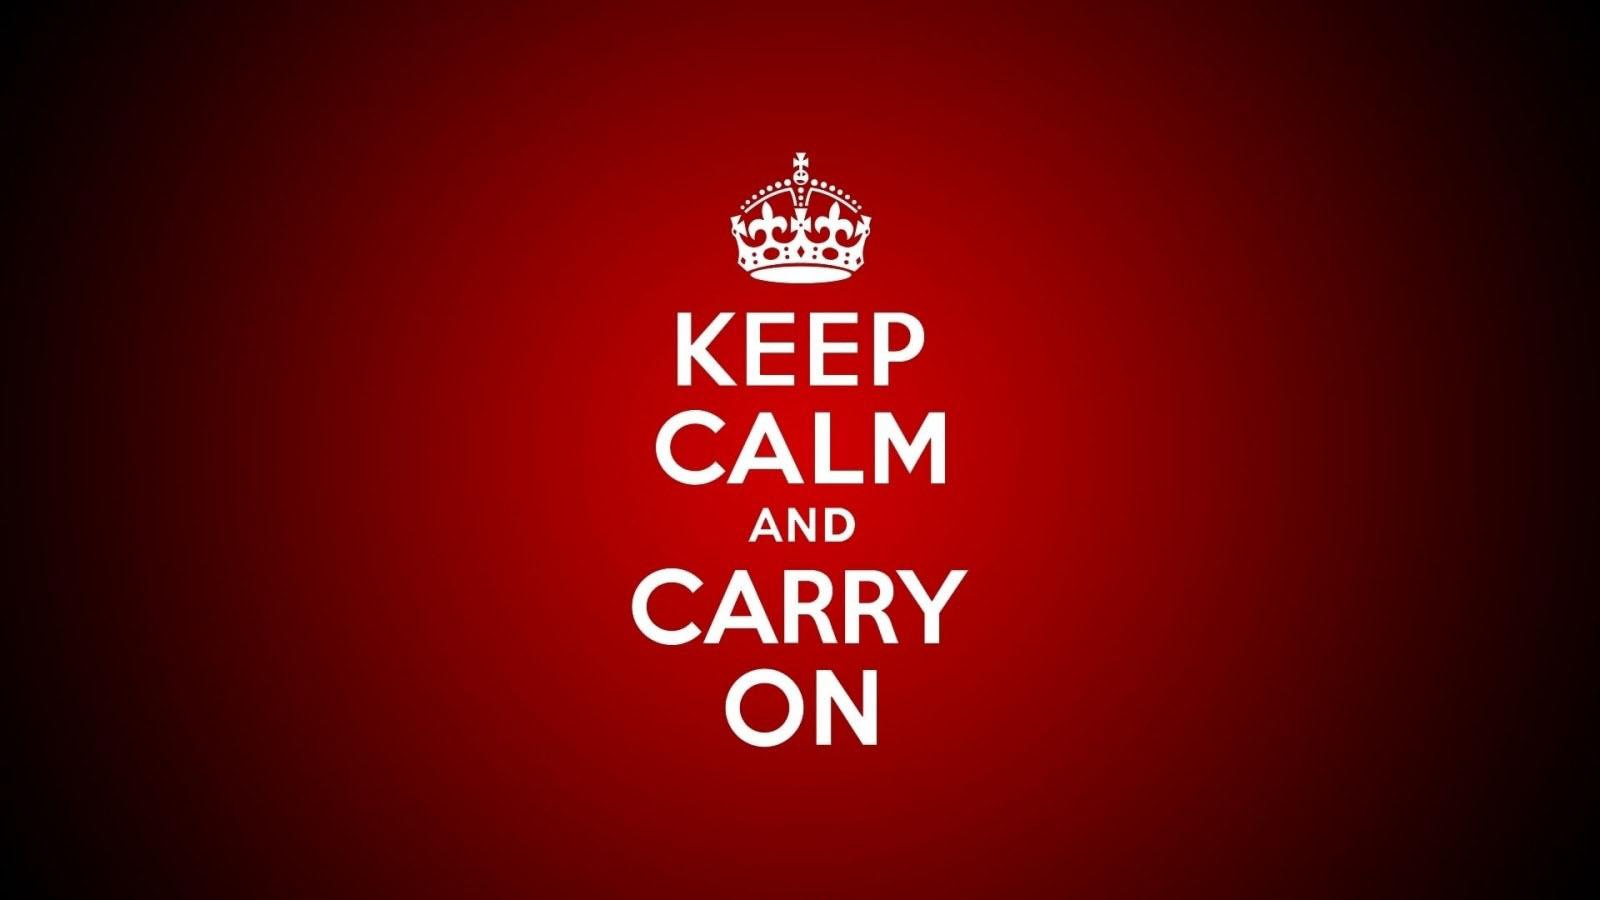 Hình nền keep calm màu đỏ